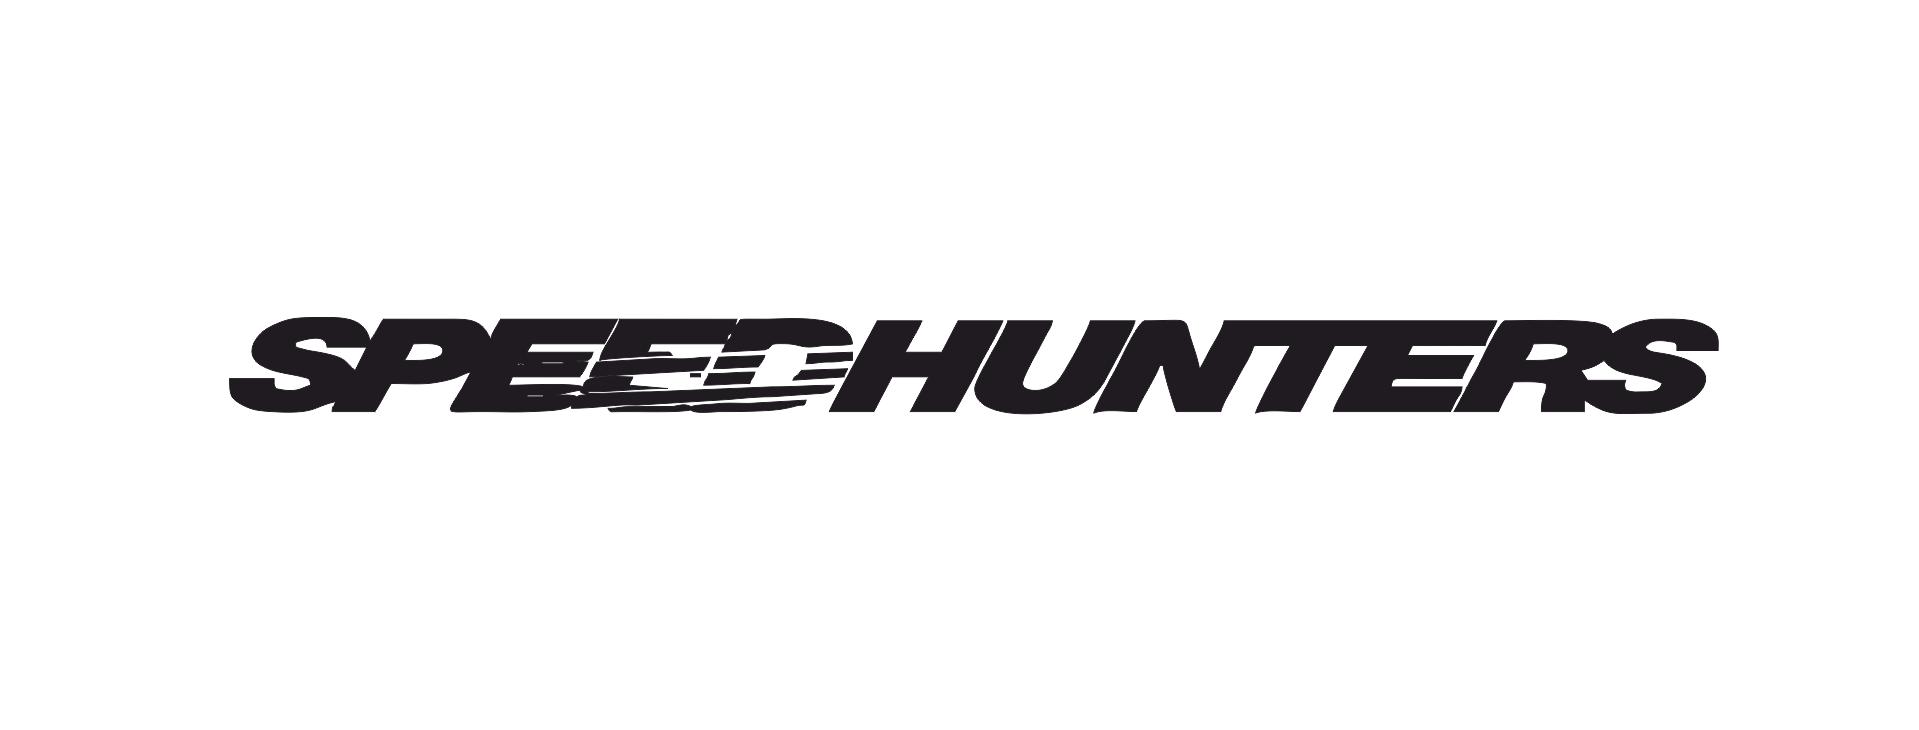 Speed Hunters Sticker Free CDR Vectors Art